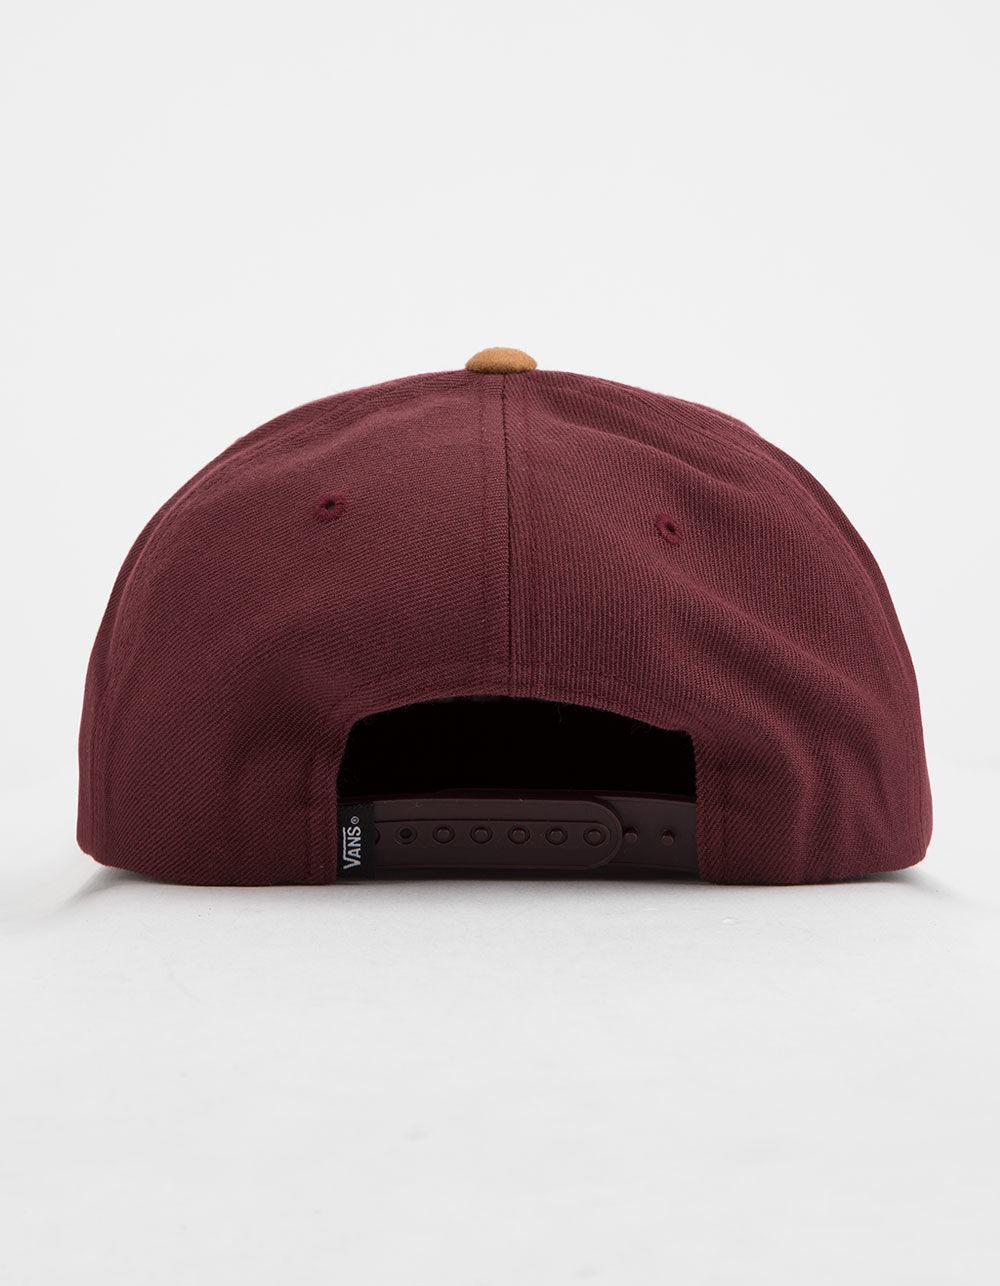 Lyst - Vans Drop V Port Royale Mens Snapback Hat in Red for Men be23a926a